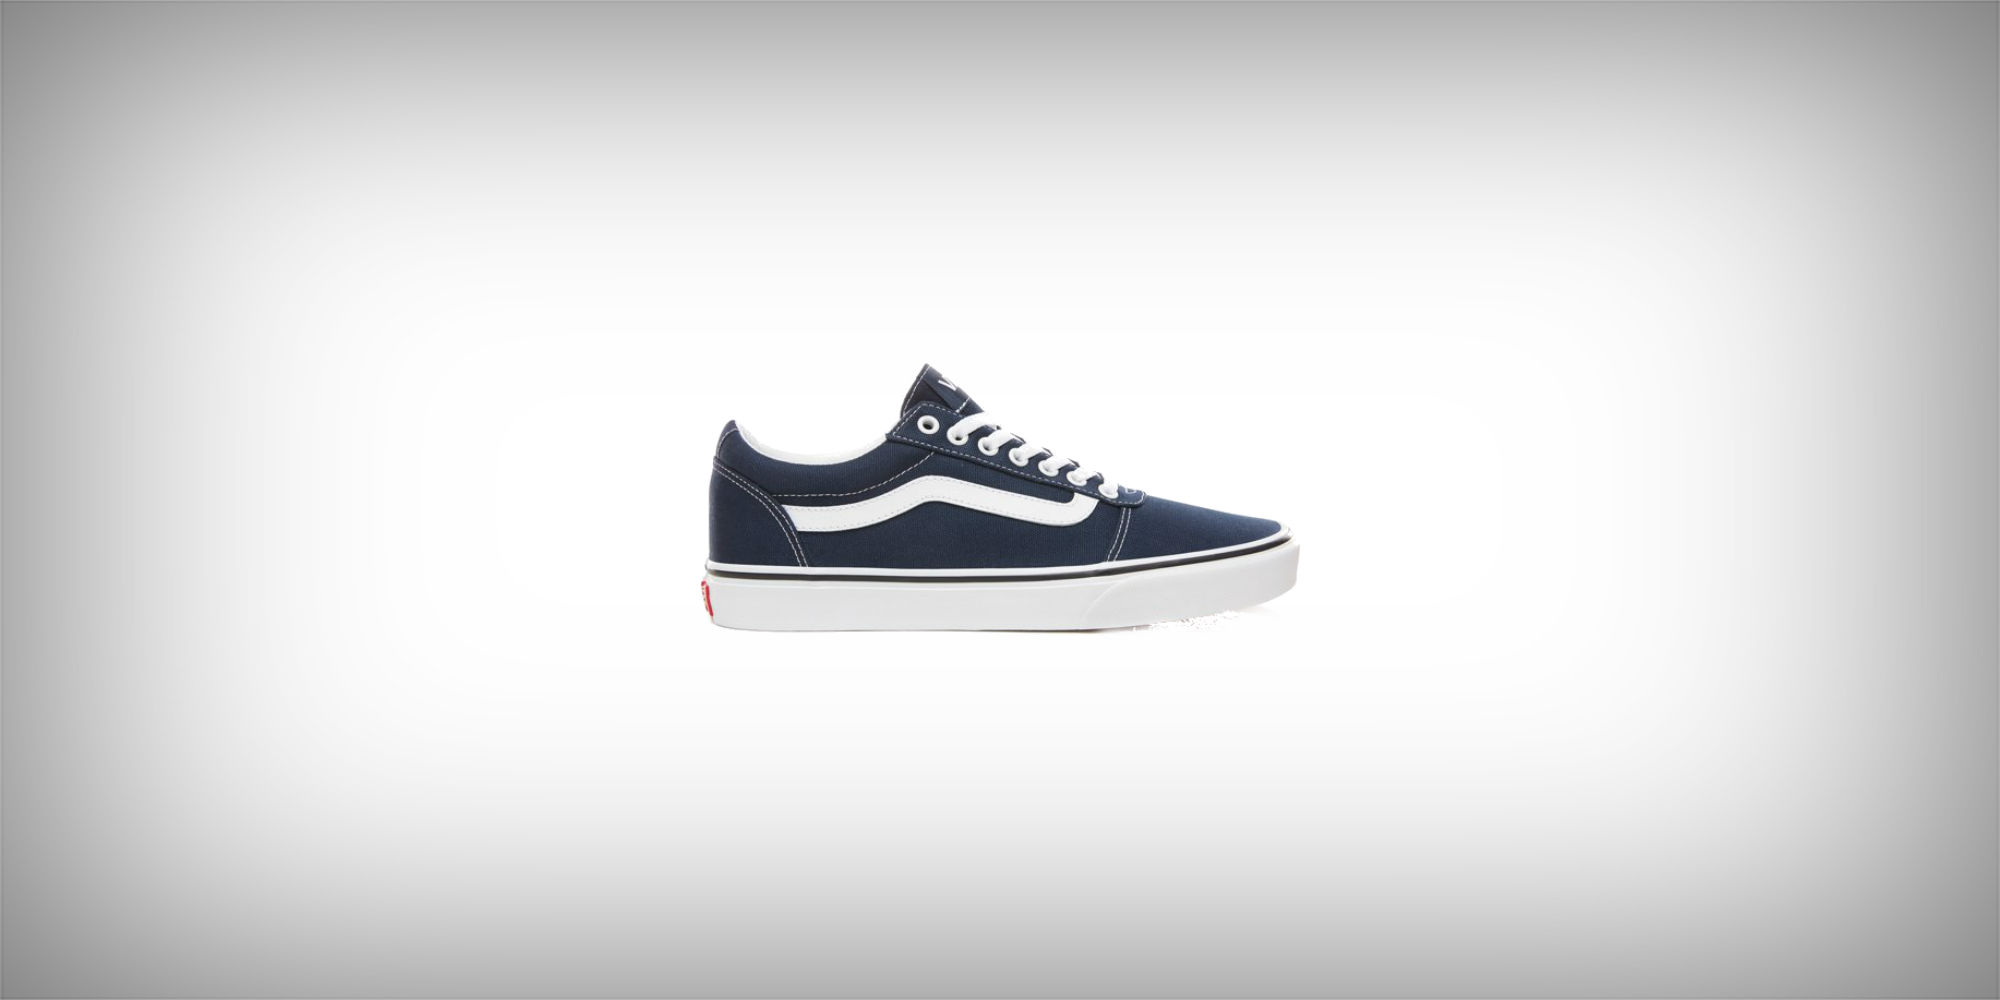 Bol.com sneakers met hoge korting